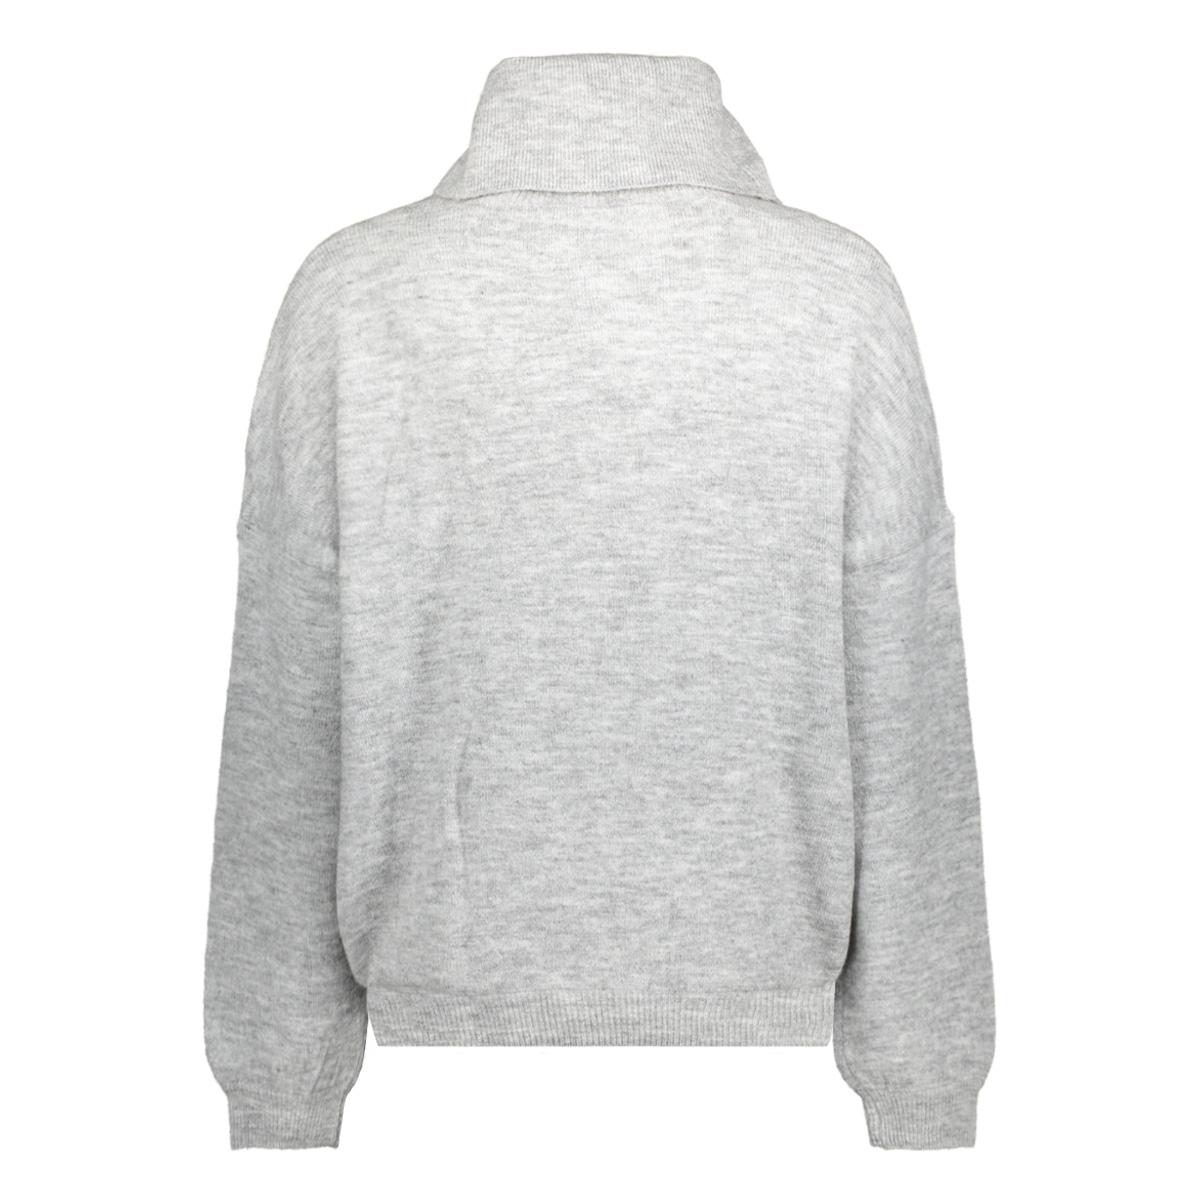 jdyoctavia l/s highneck pullover kn  15138652 jacqueline de yong trui white/melange